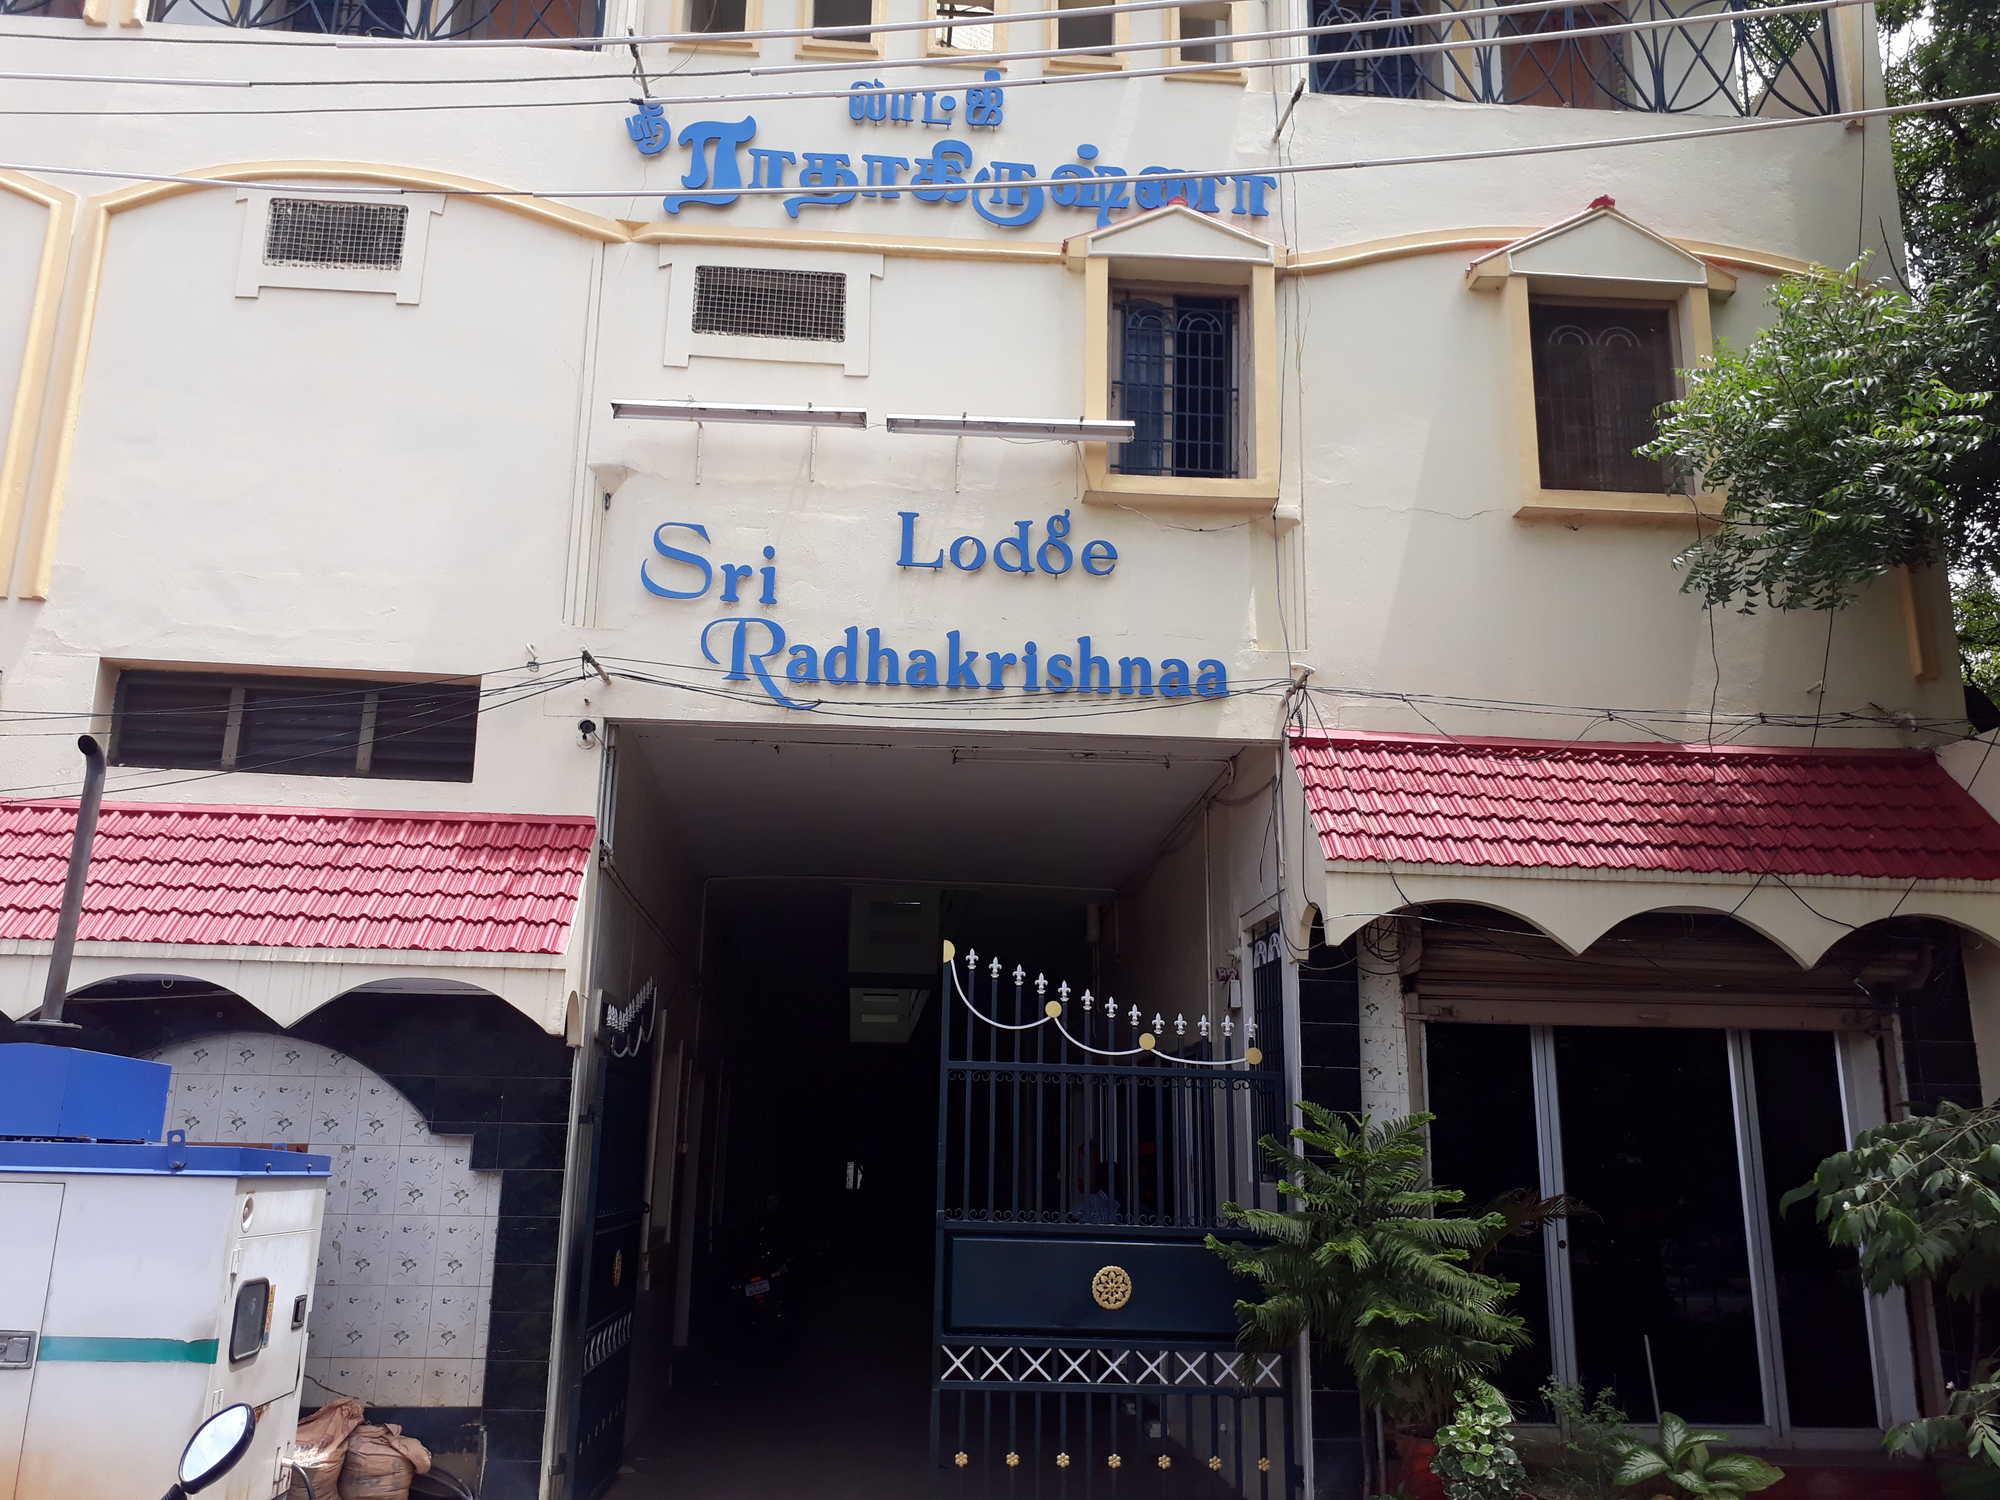 Sri Radhakrishnaa Lodge - Cumbum - Theni Image